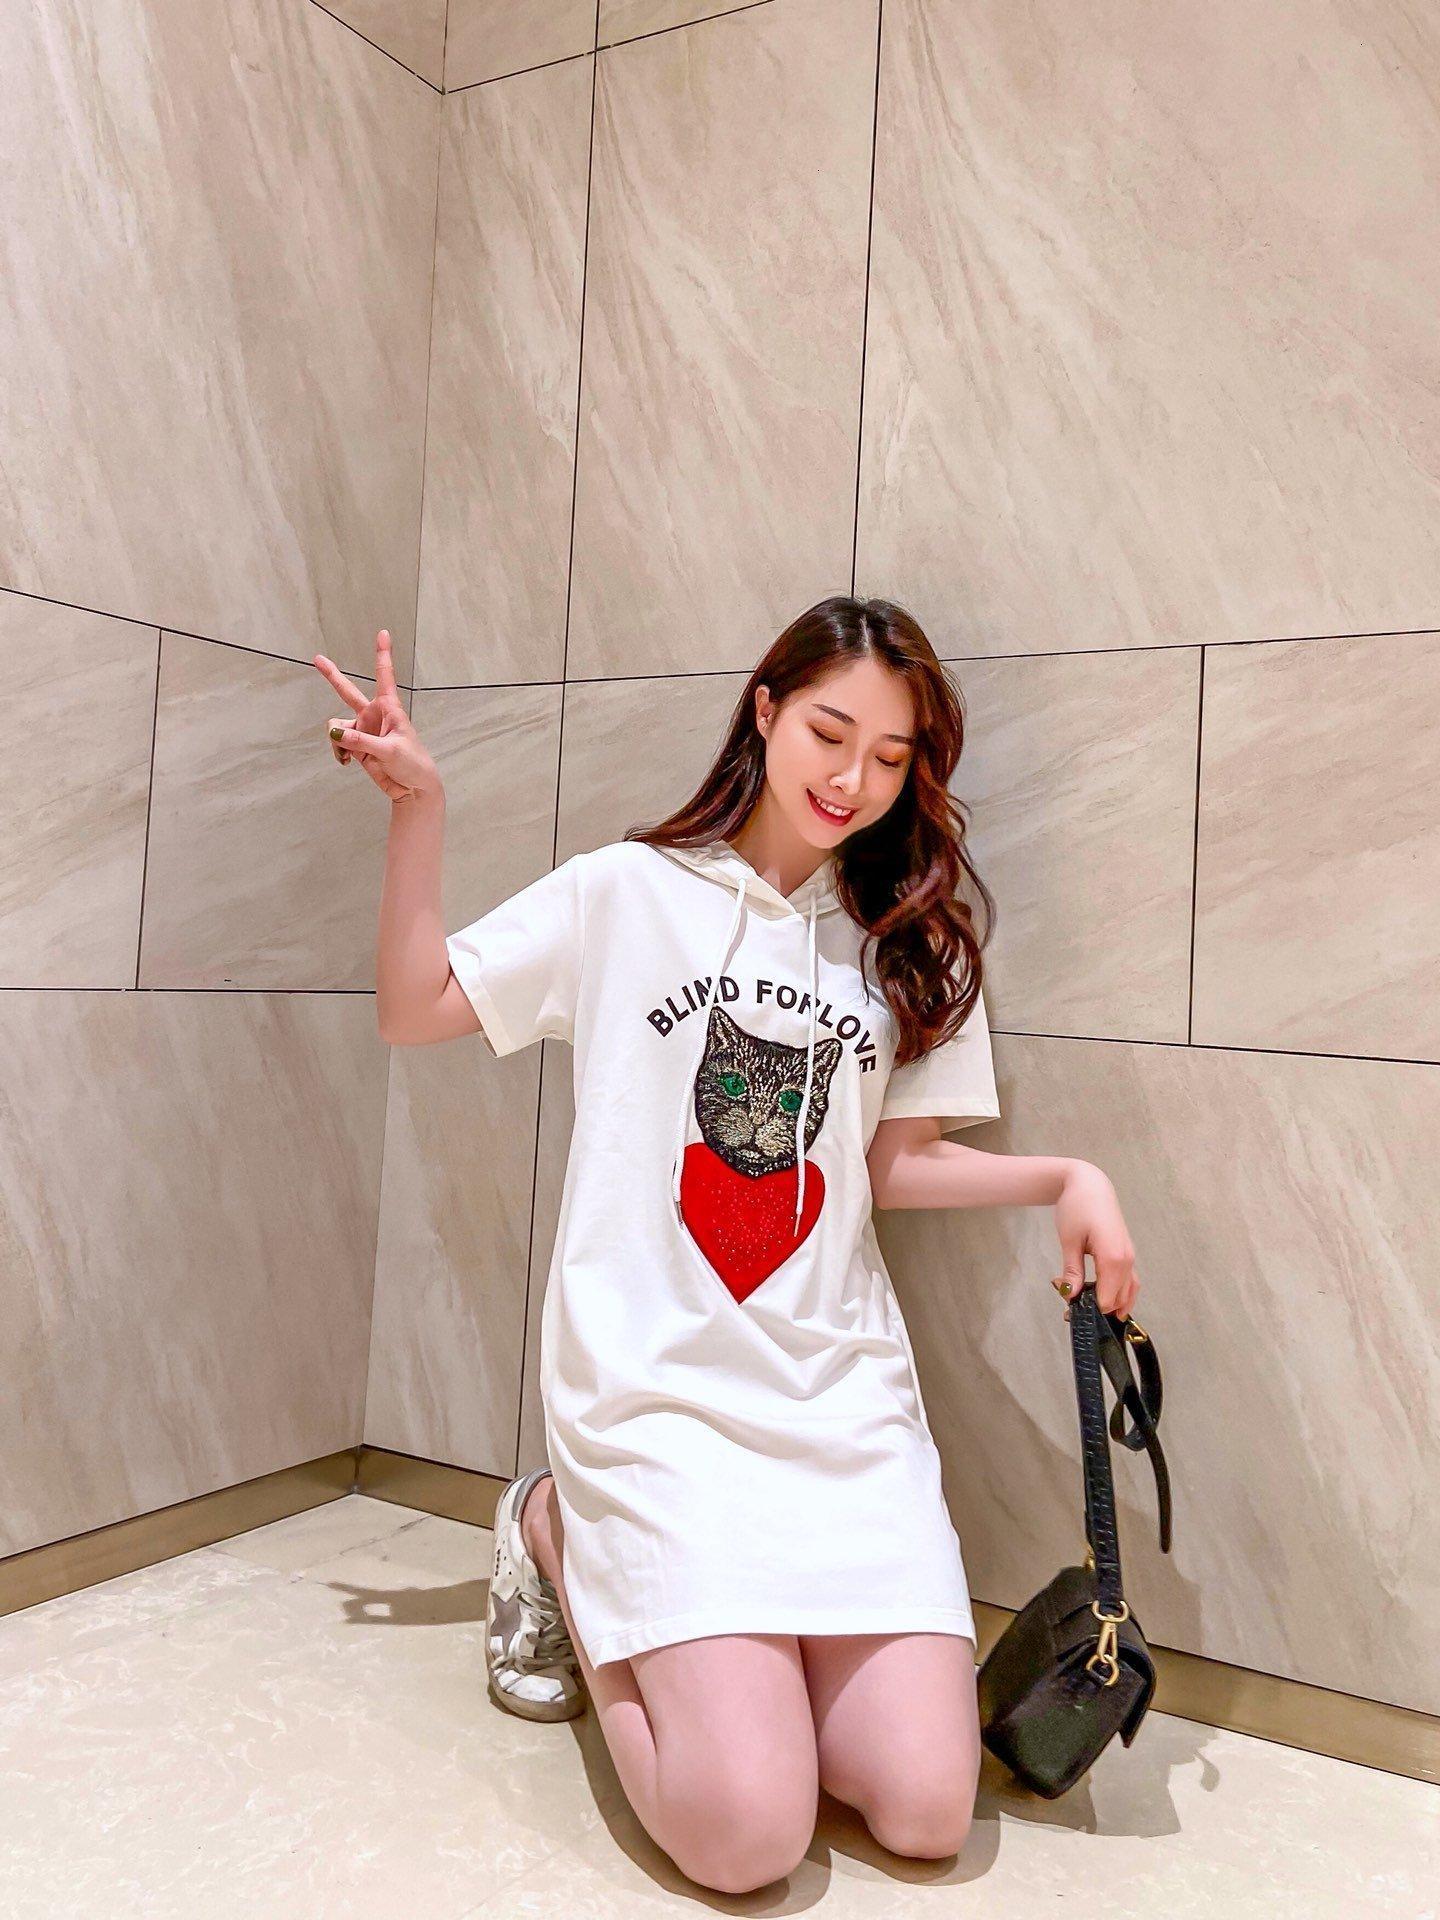 zhou6601womens vestidos para los vestidos de diseñador de las señoras vestidos recomiendan mejor envío sencilla FC64 Venta caliente libre al por mayor